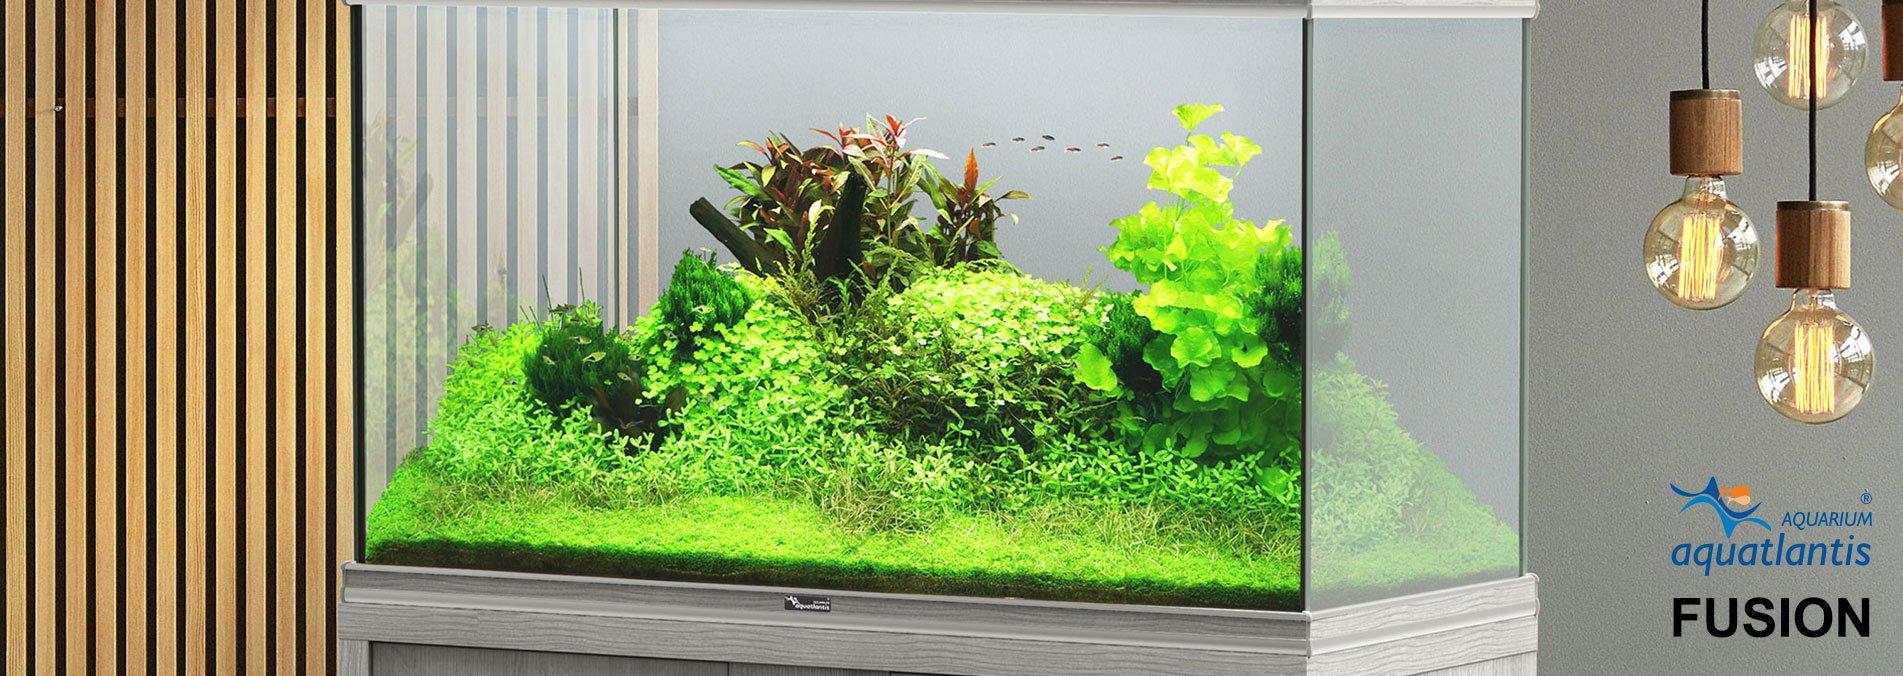 Aquatlantis Fusion Aquarien, Bild 2